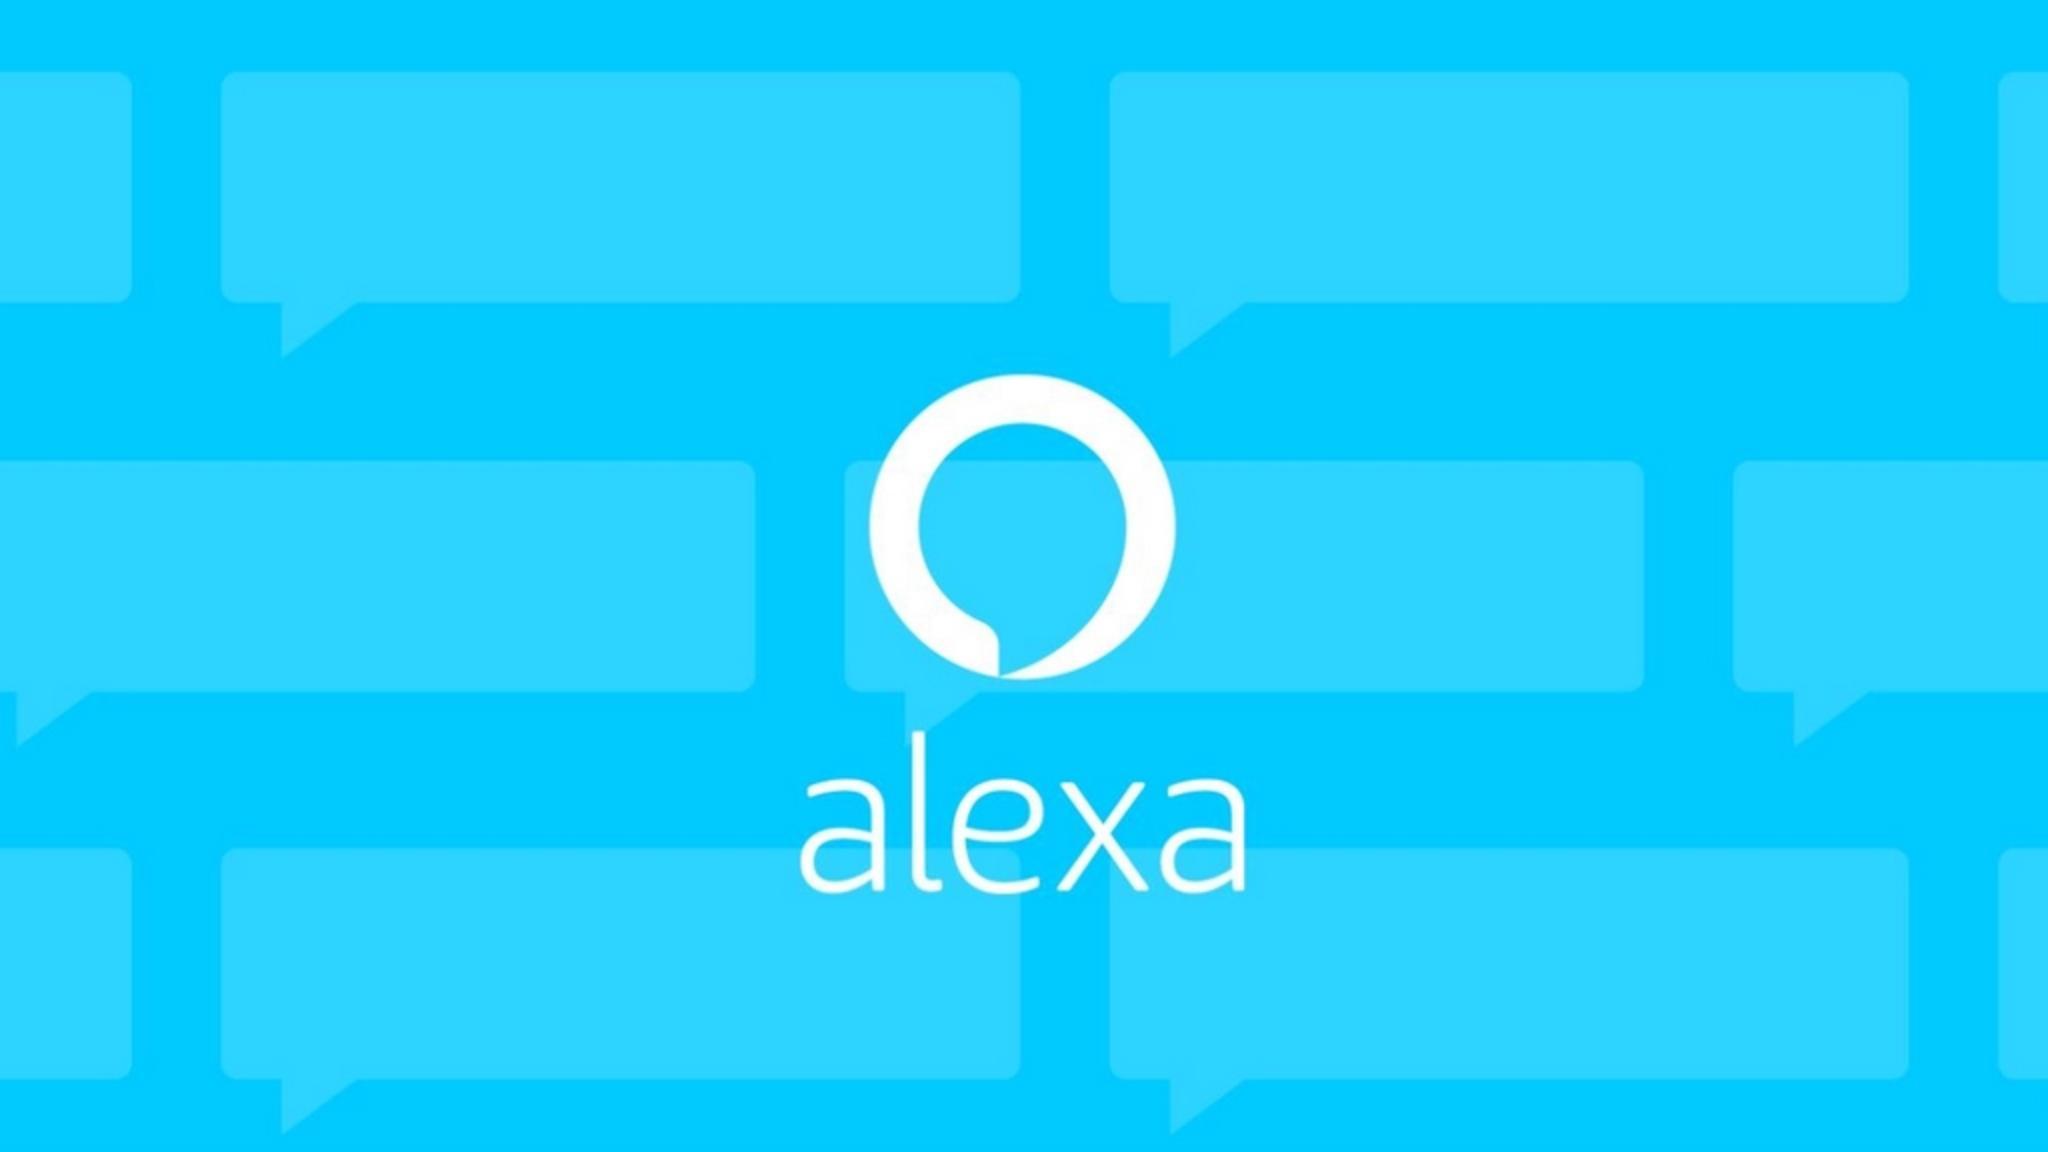 Alexa gibt es jetzt auch ganz offiziell für Windows 10.